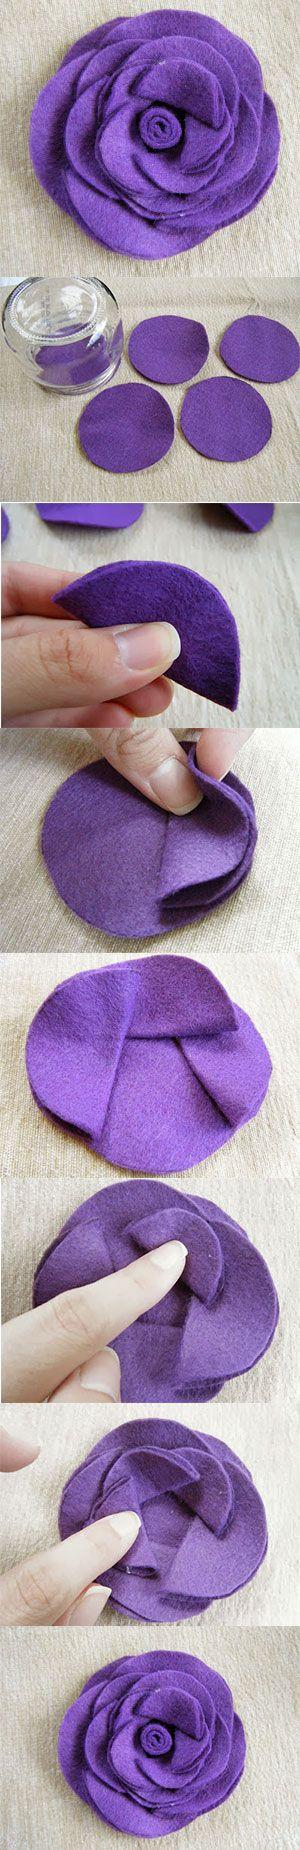 Flor de feltro feita com círculos colados                                                                                                                                                     Mais                                                                                                                                                     Mais